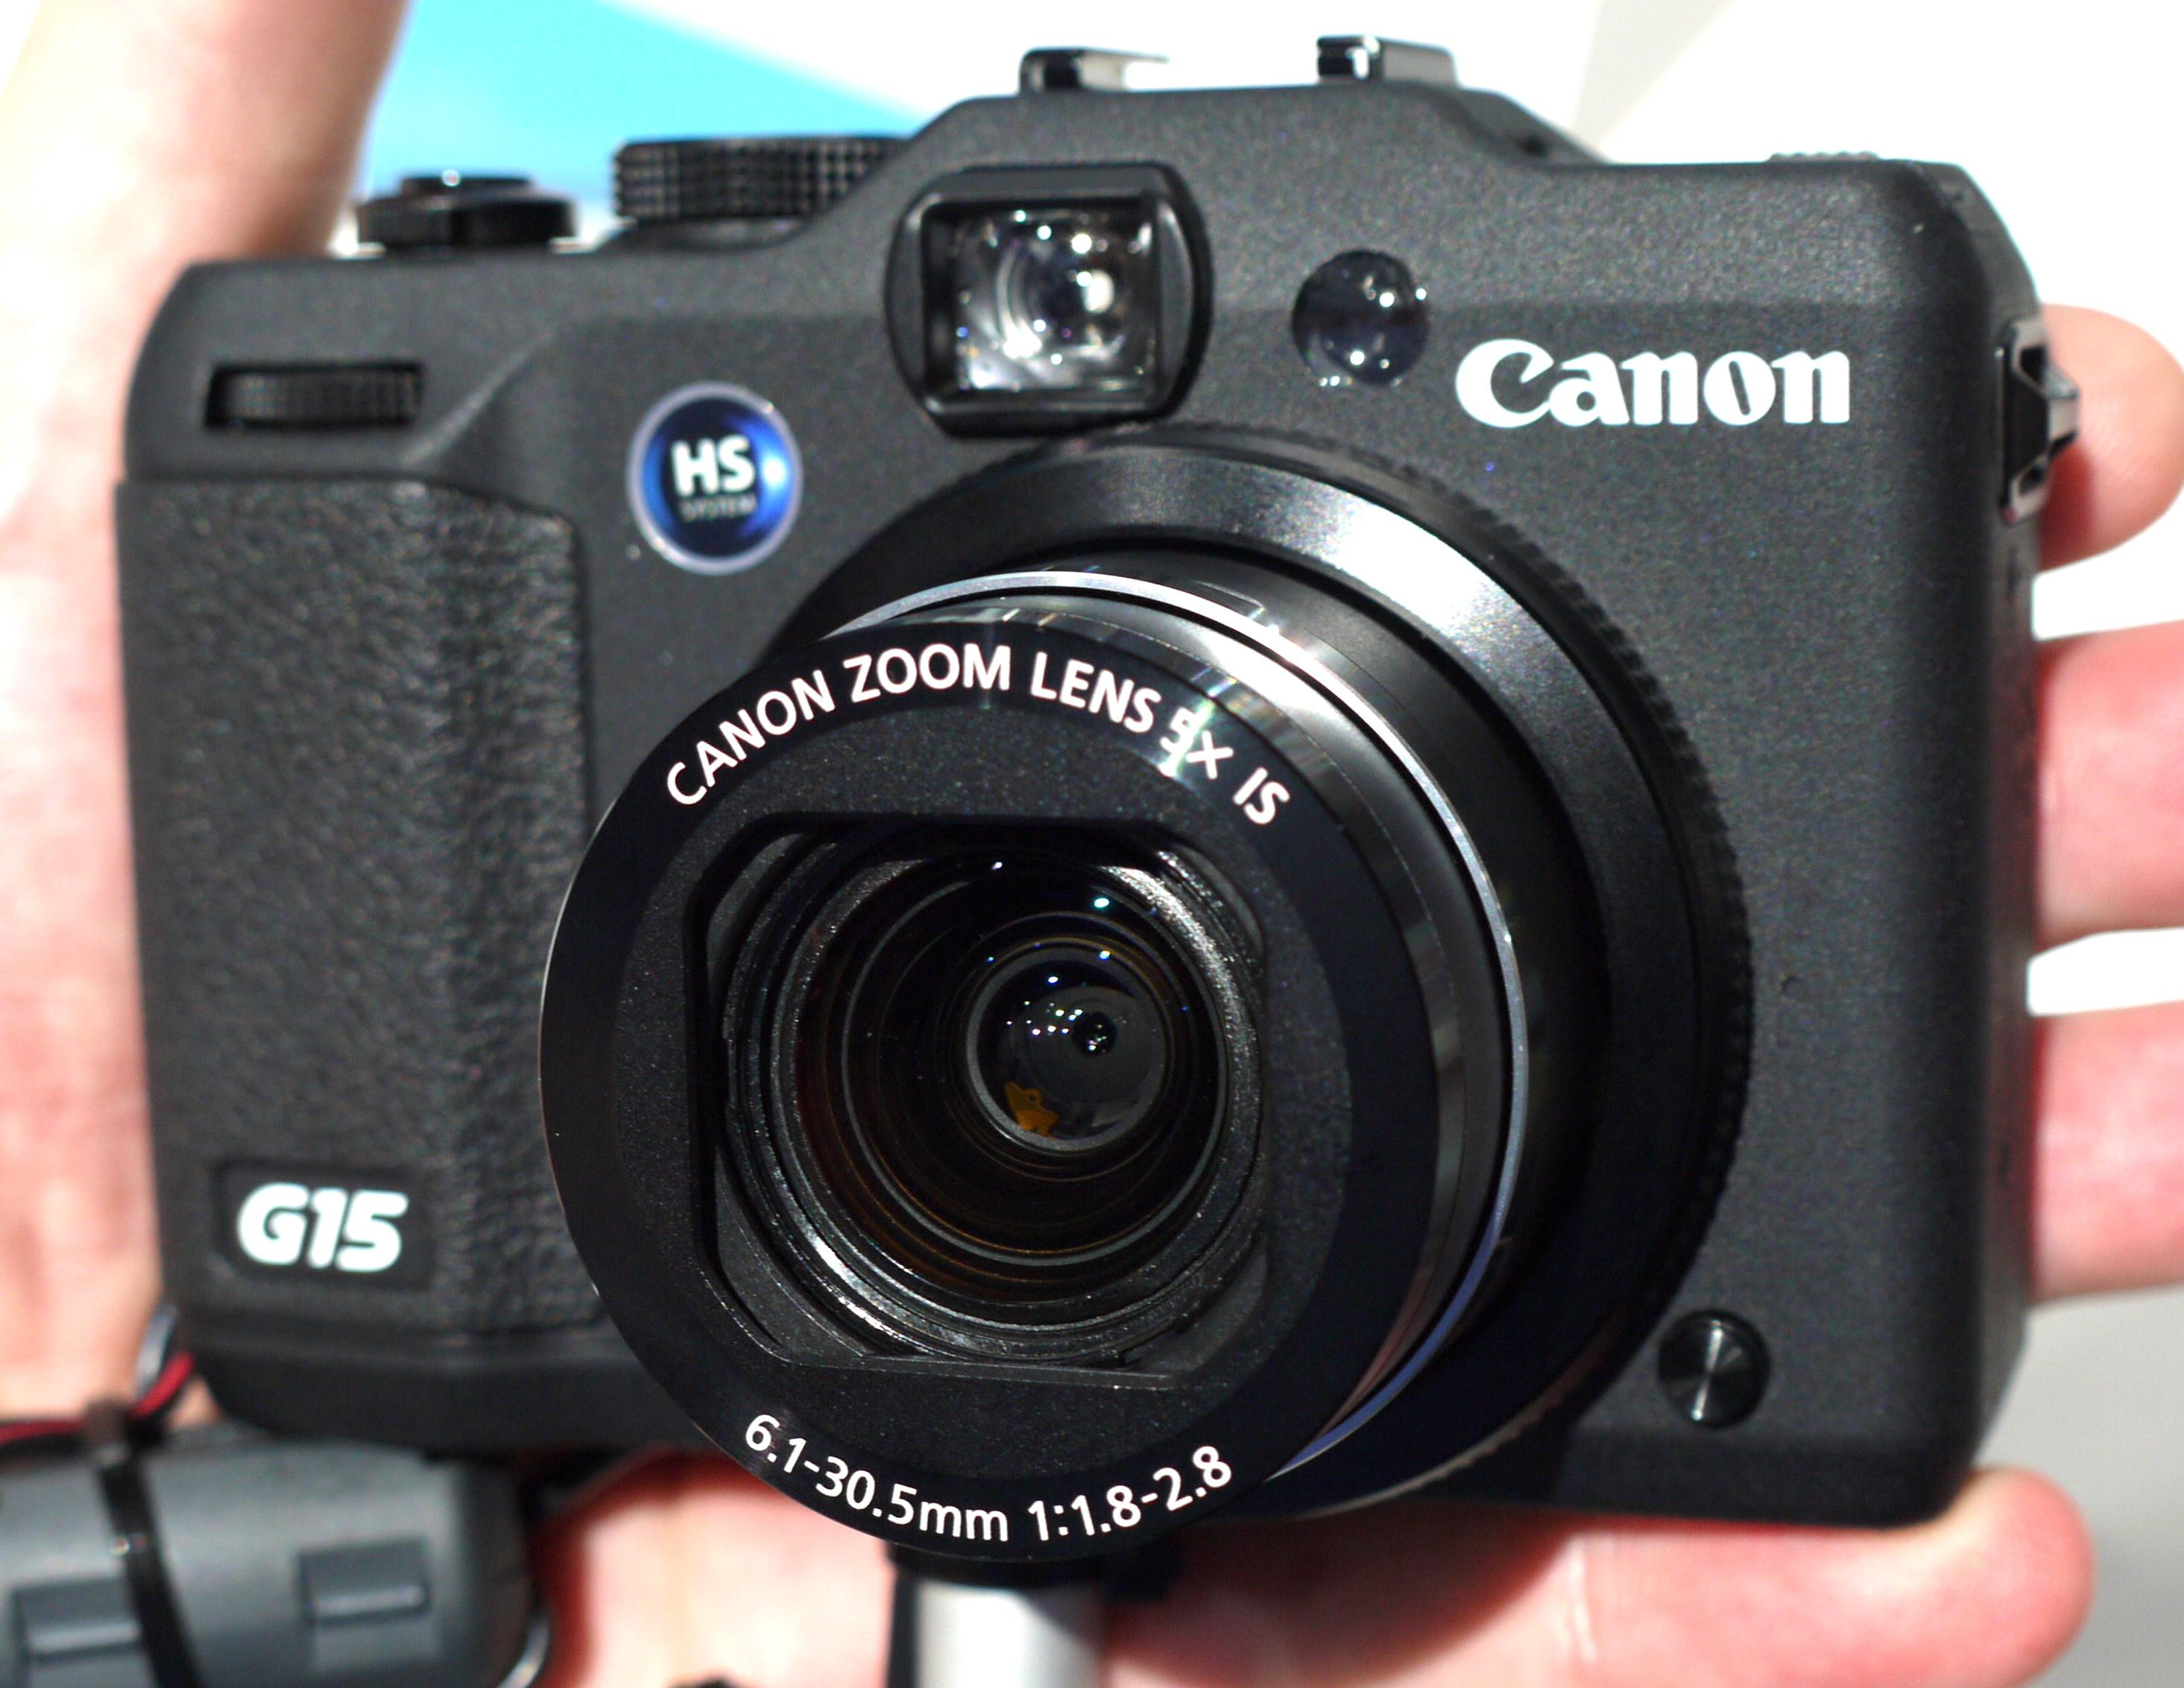 canon powershot g15 hands on at photokina 2012 rh ephotozine com Canon Camera Lenses Canon G15 vs Sony RX100